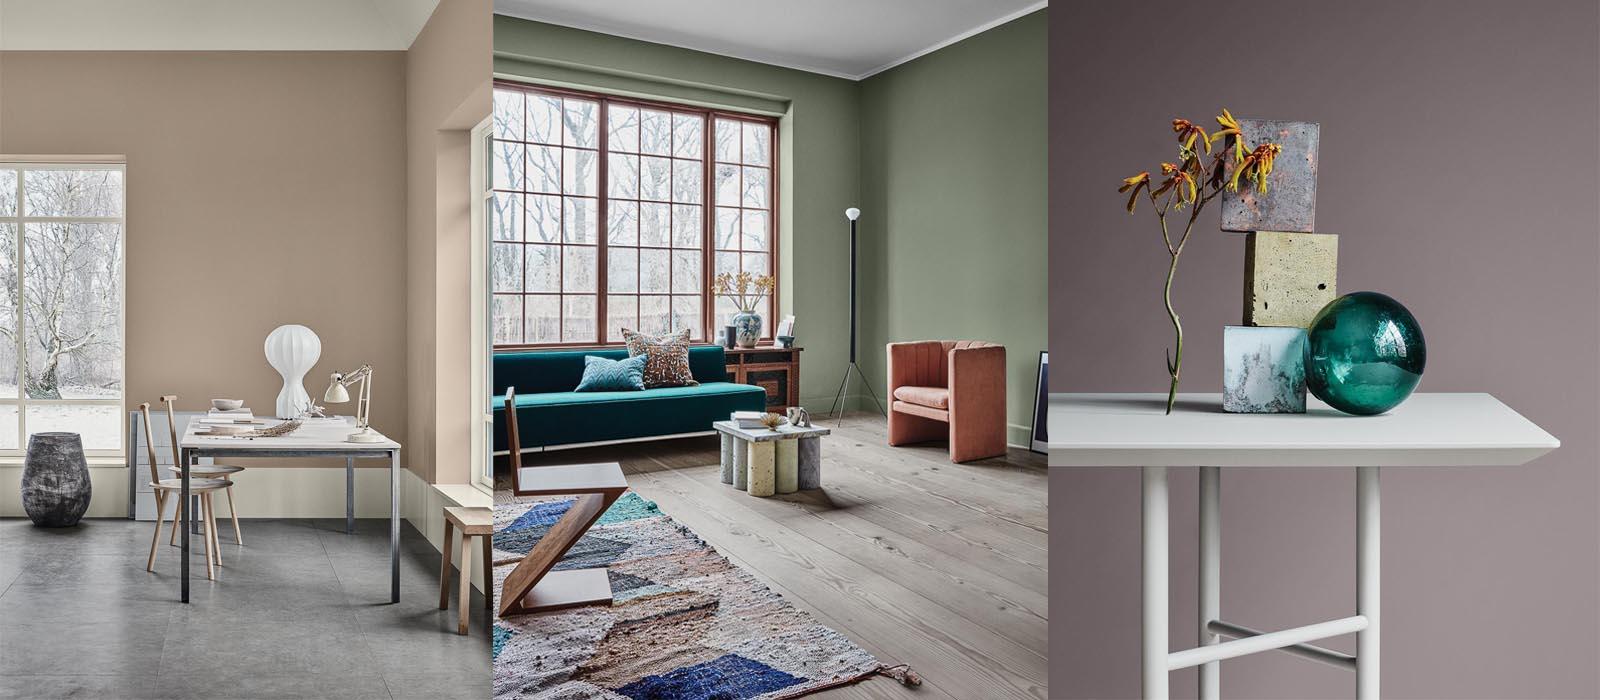 Tendencias en decoración de interiores por Jotun @Utrillanais